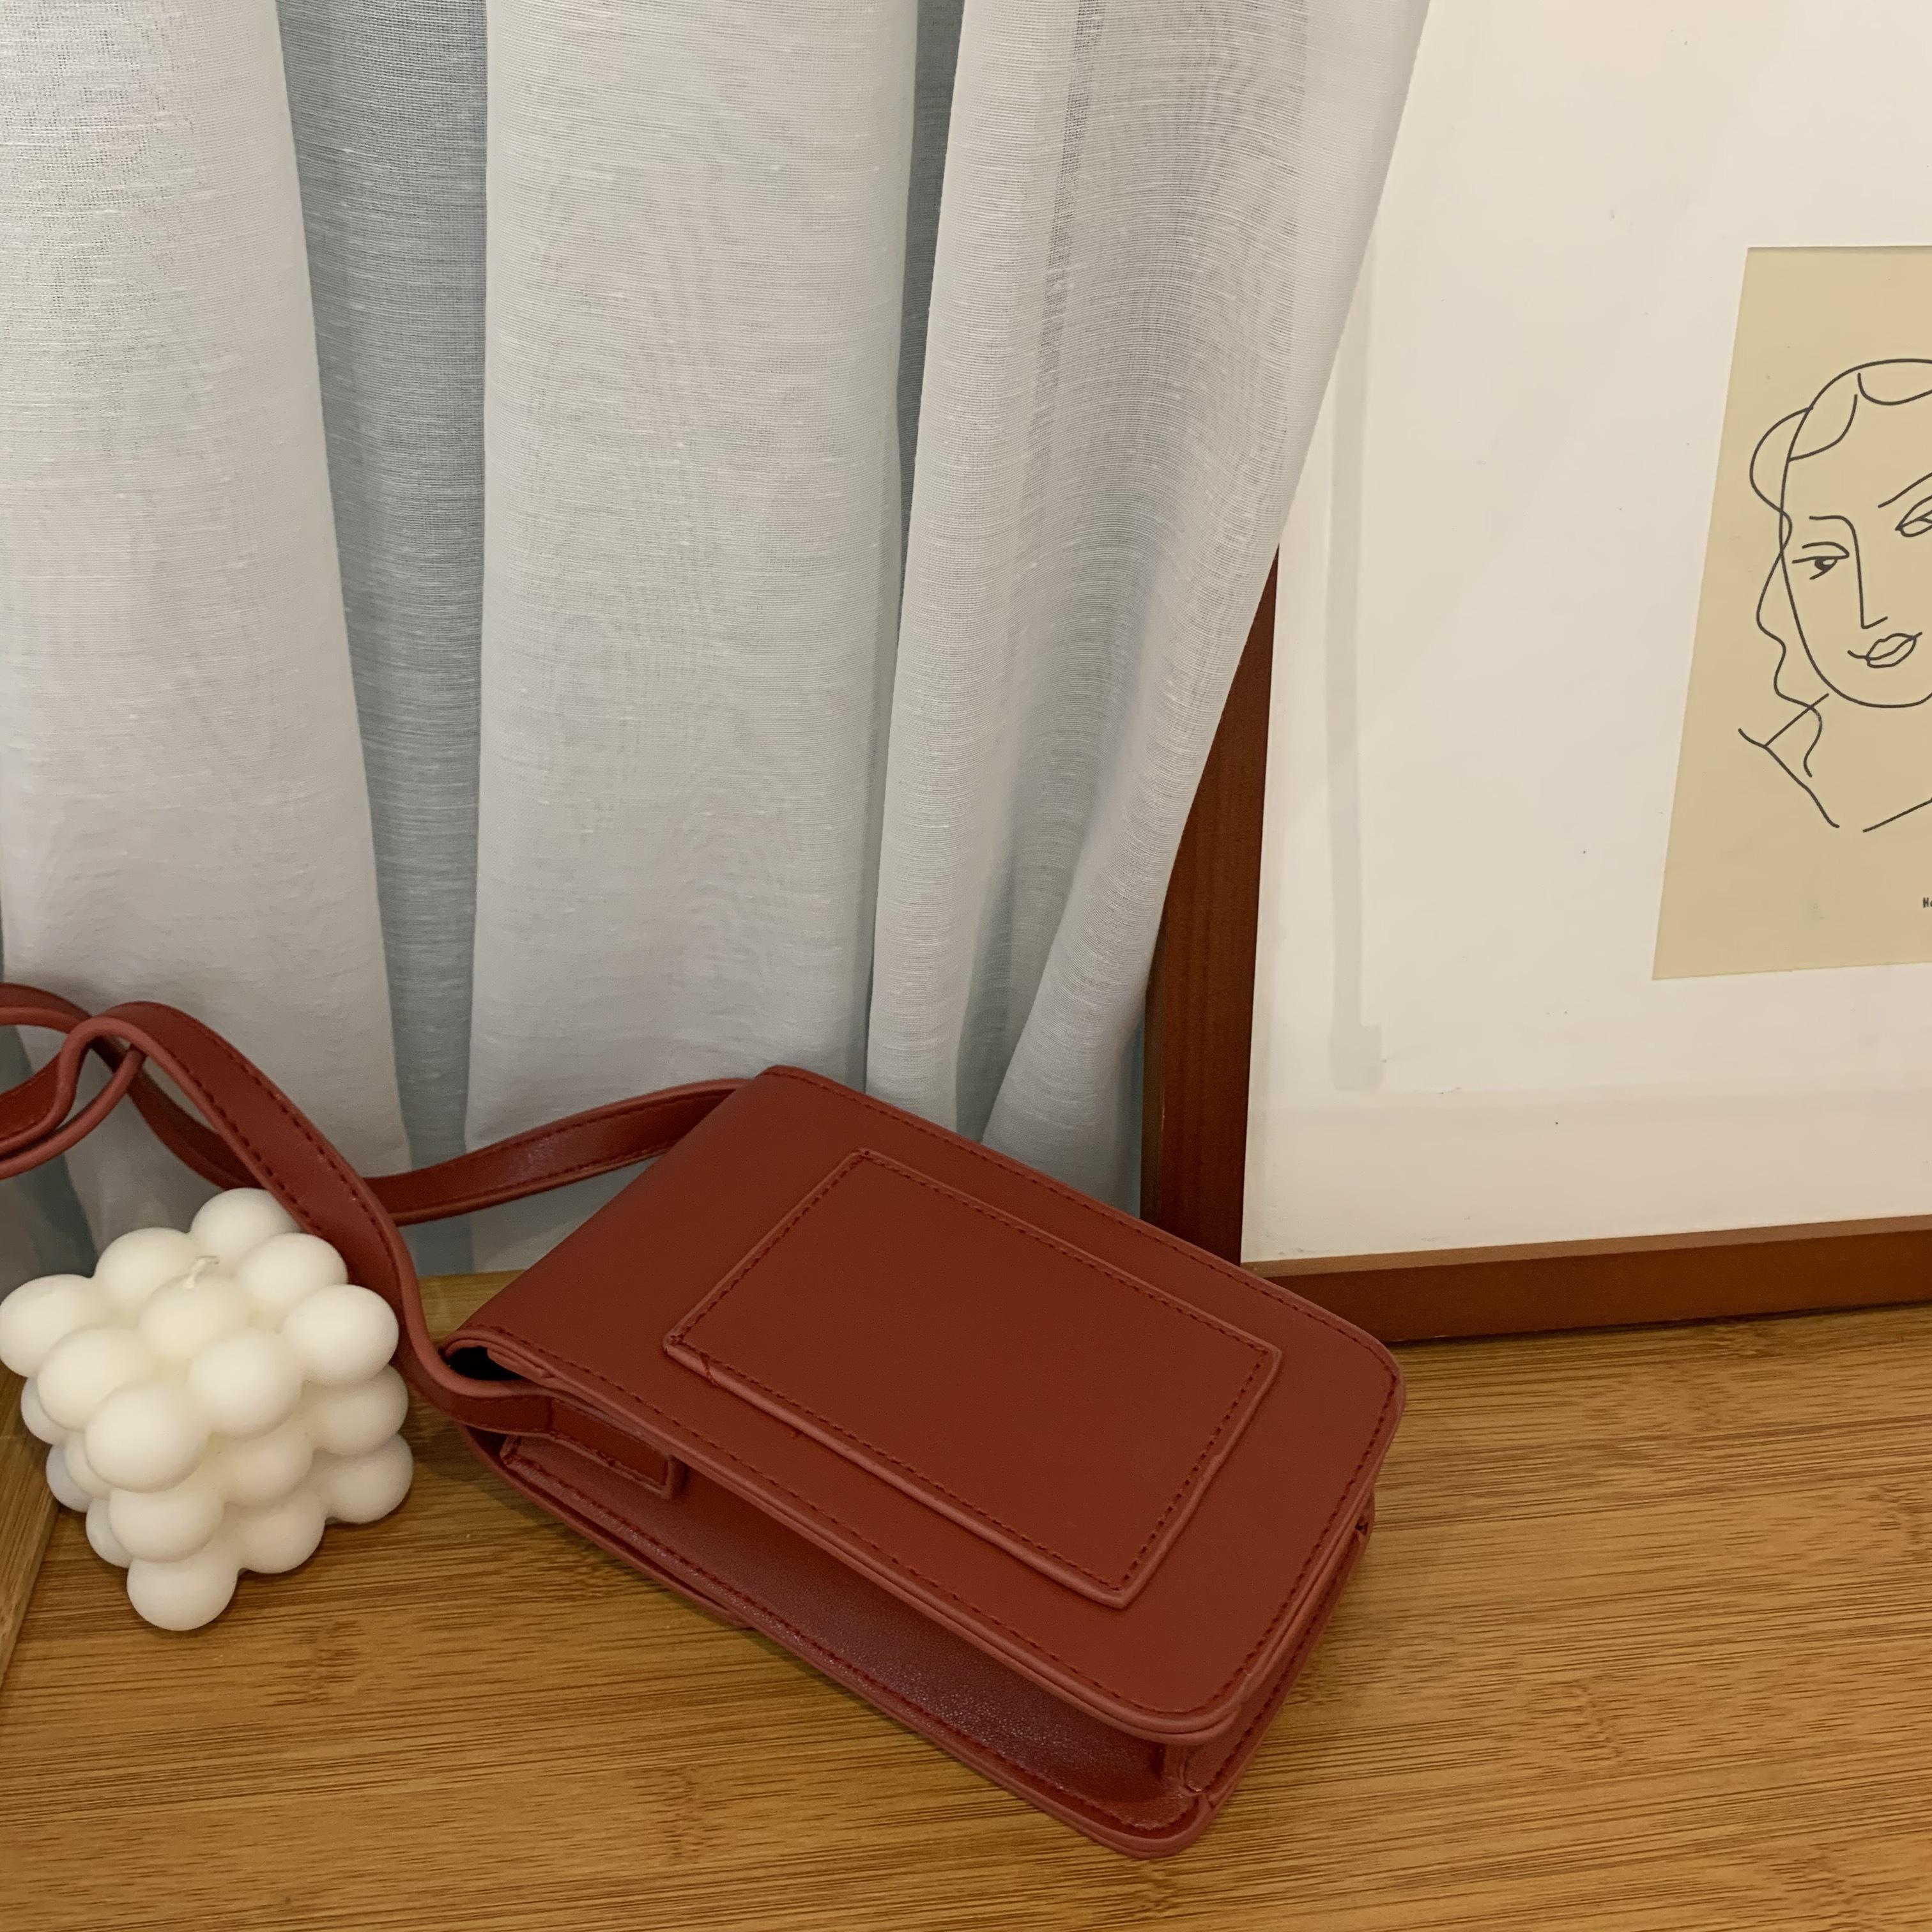 バーガンディーメッセンジャーバッグ 【Burgundy messenger bag】